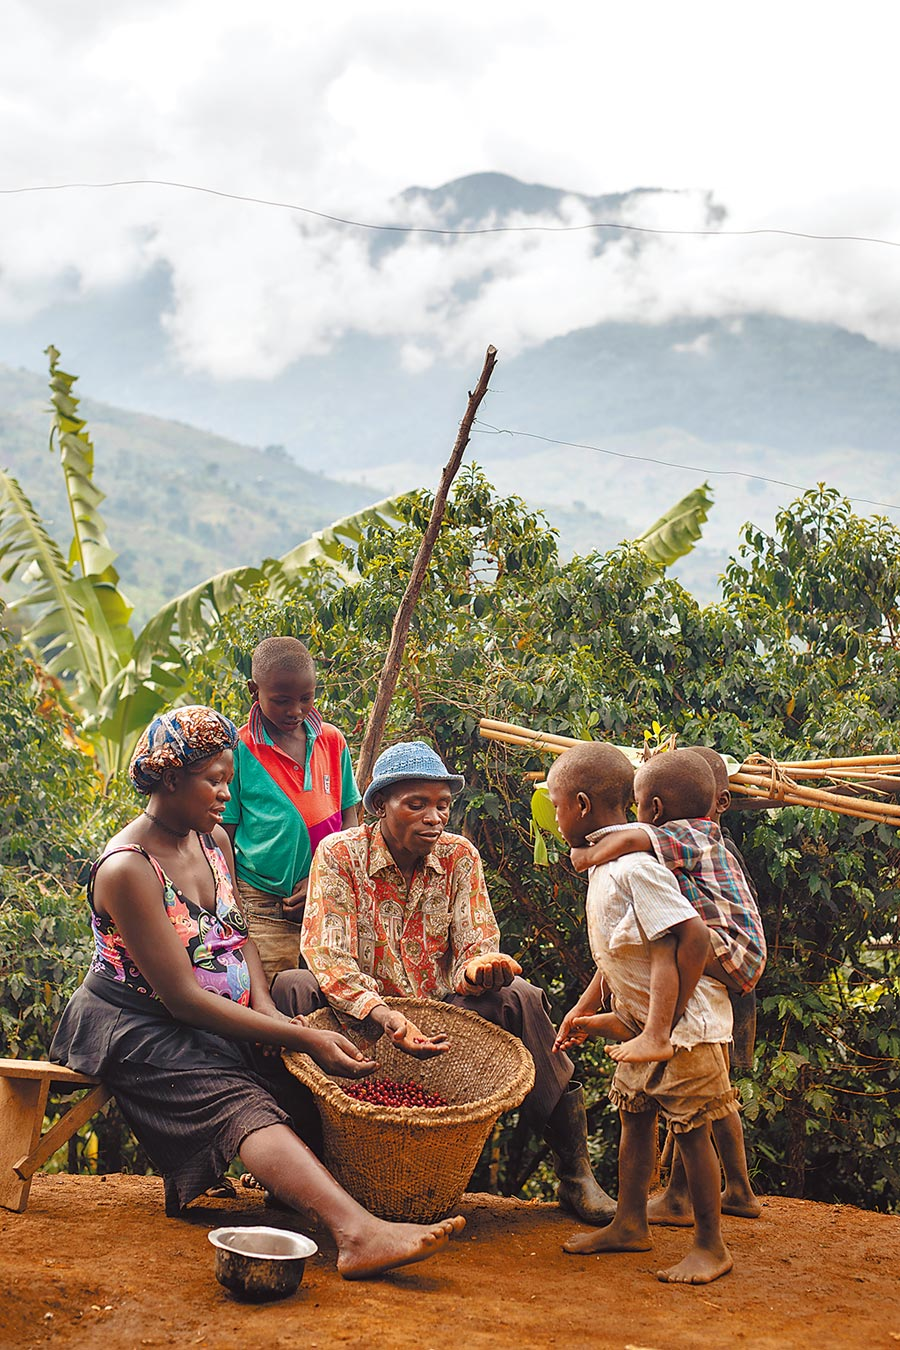 烏干達的咖啡農Kirimbwa Joseph說:「我選擇種植咖啡,因為這是一門永續產業」,因著咖啡帶來的收入,現在已經可為所有孩子支付學費。(Nespresso提供)